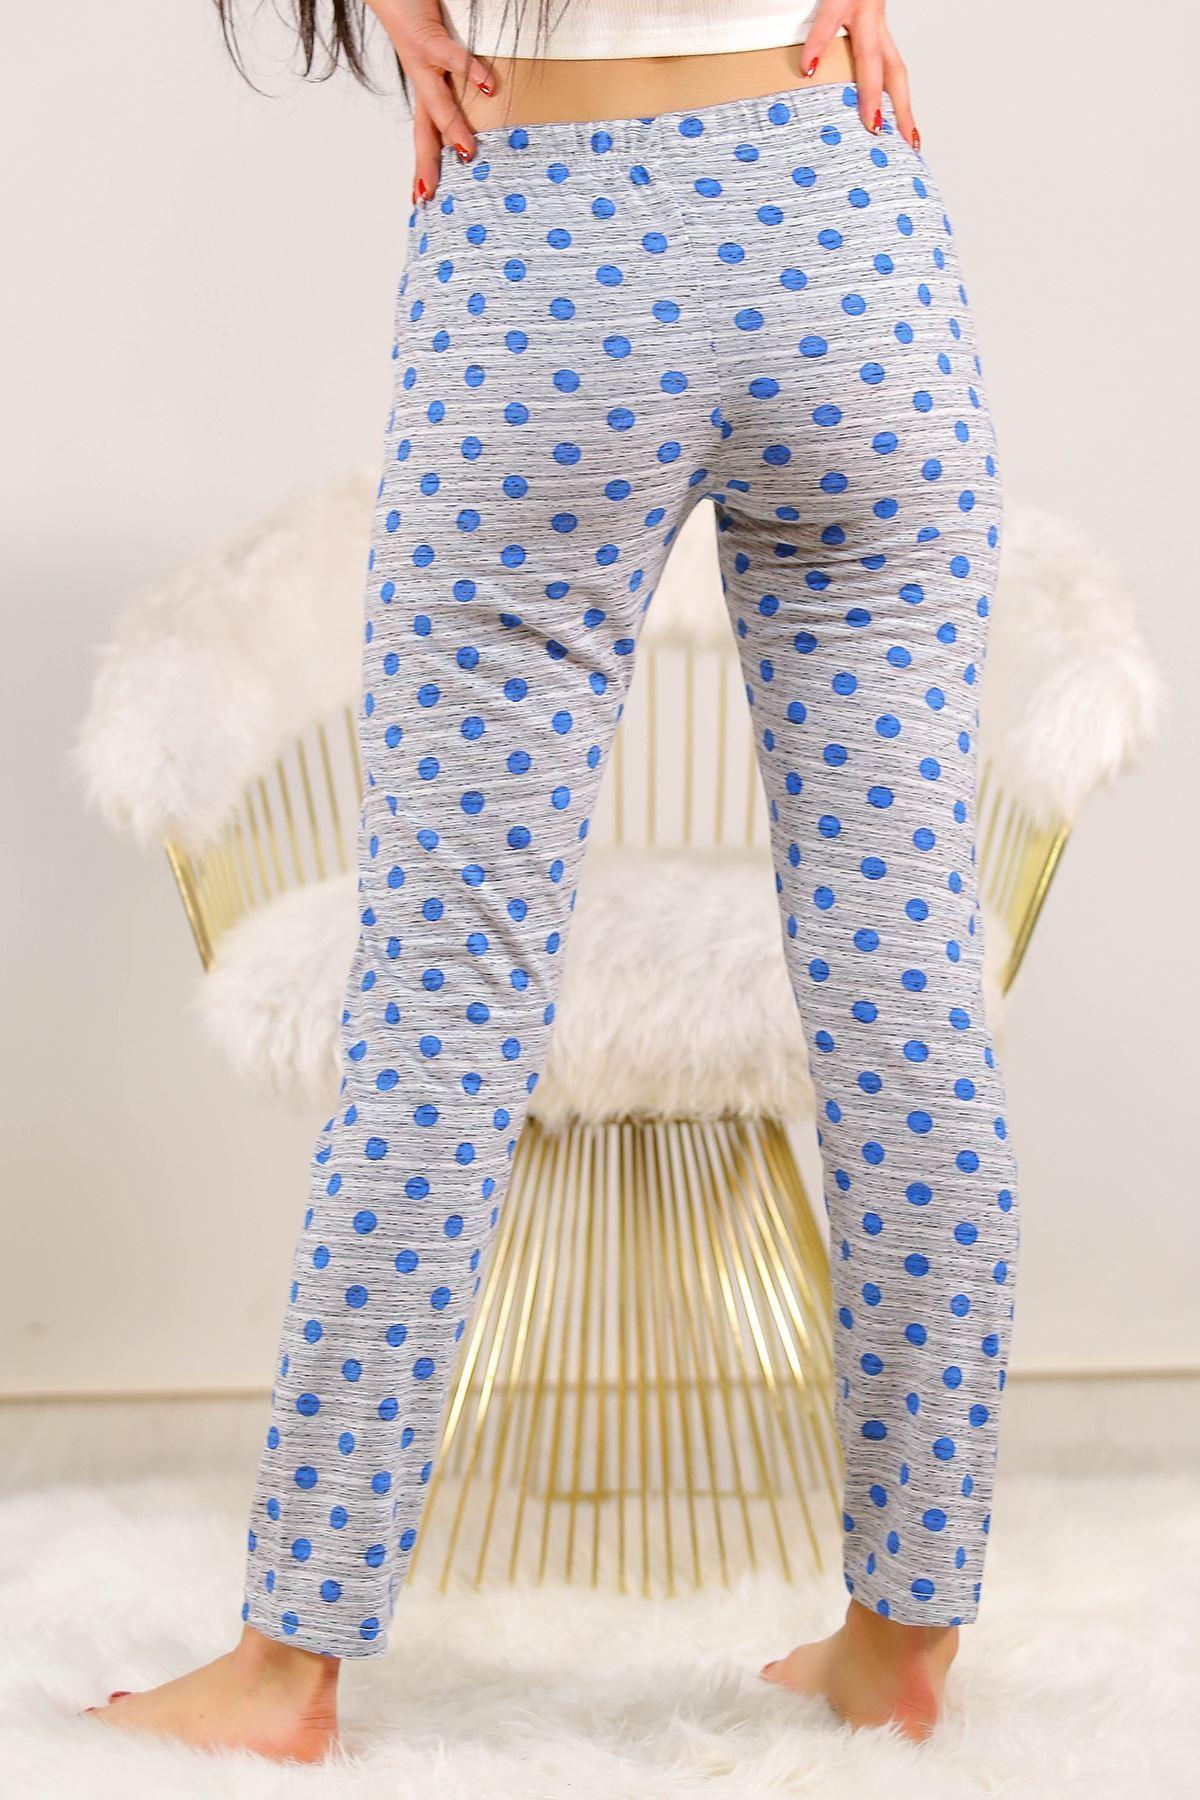 Desenli Pijama Altı Mavipuanlı - 5220.1348.